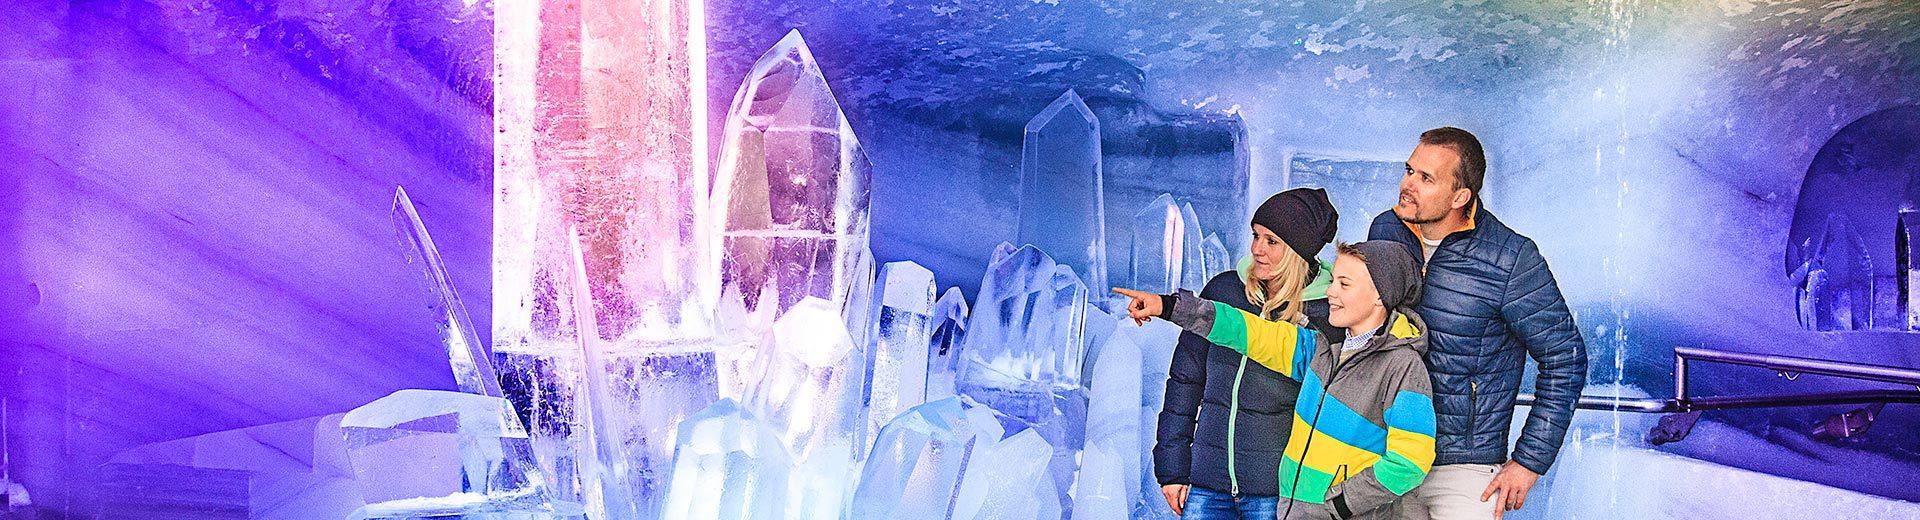 Dachstein-Gletscher, Ausflugsziel in der Steiermark